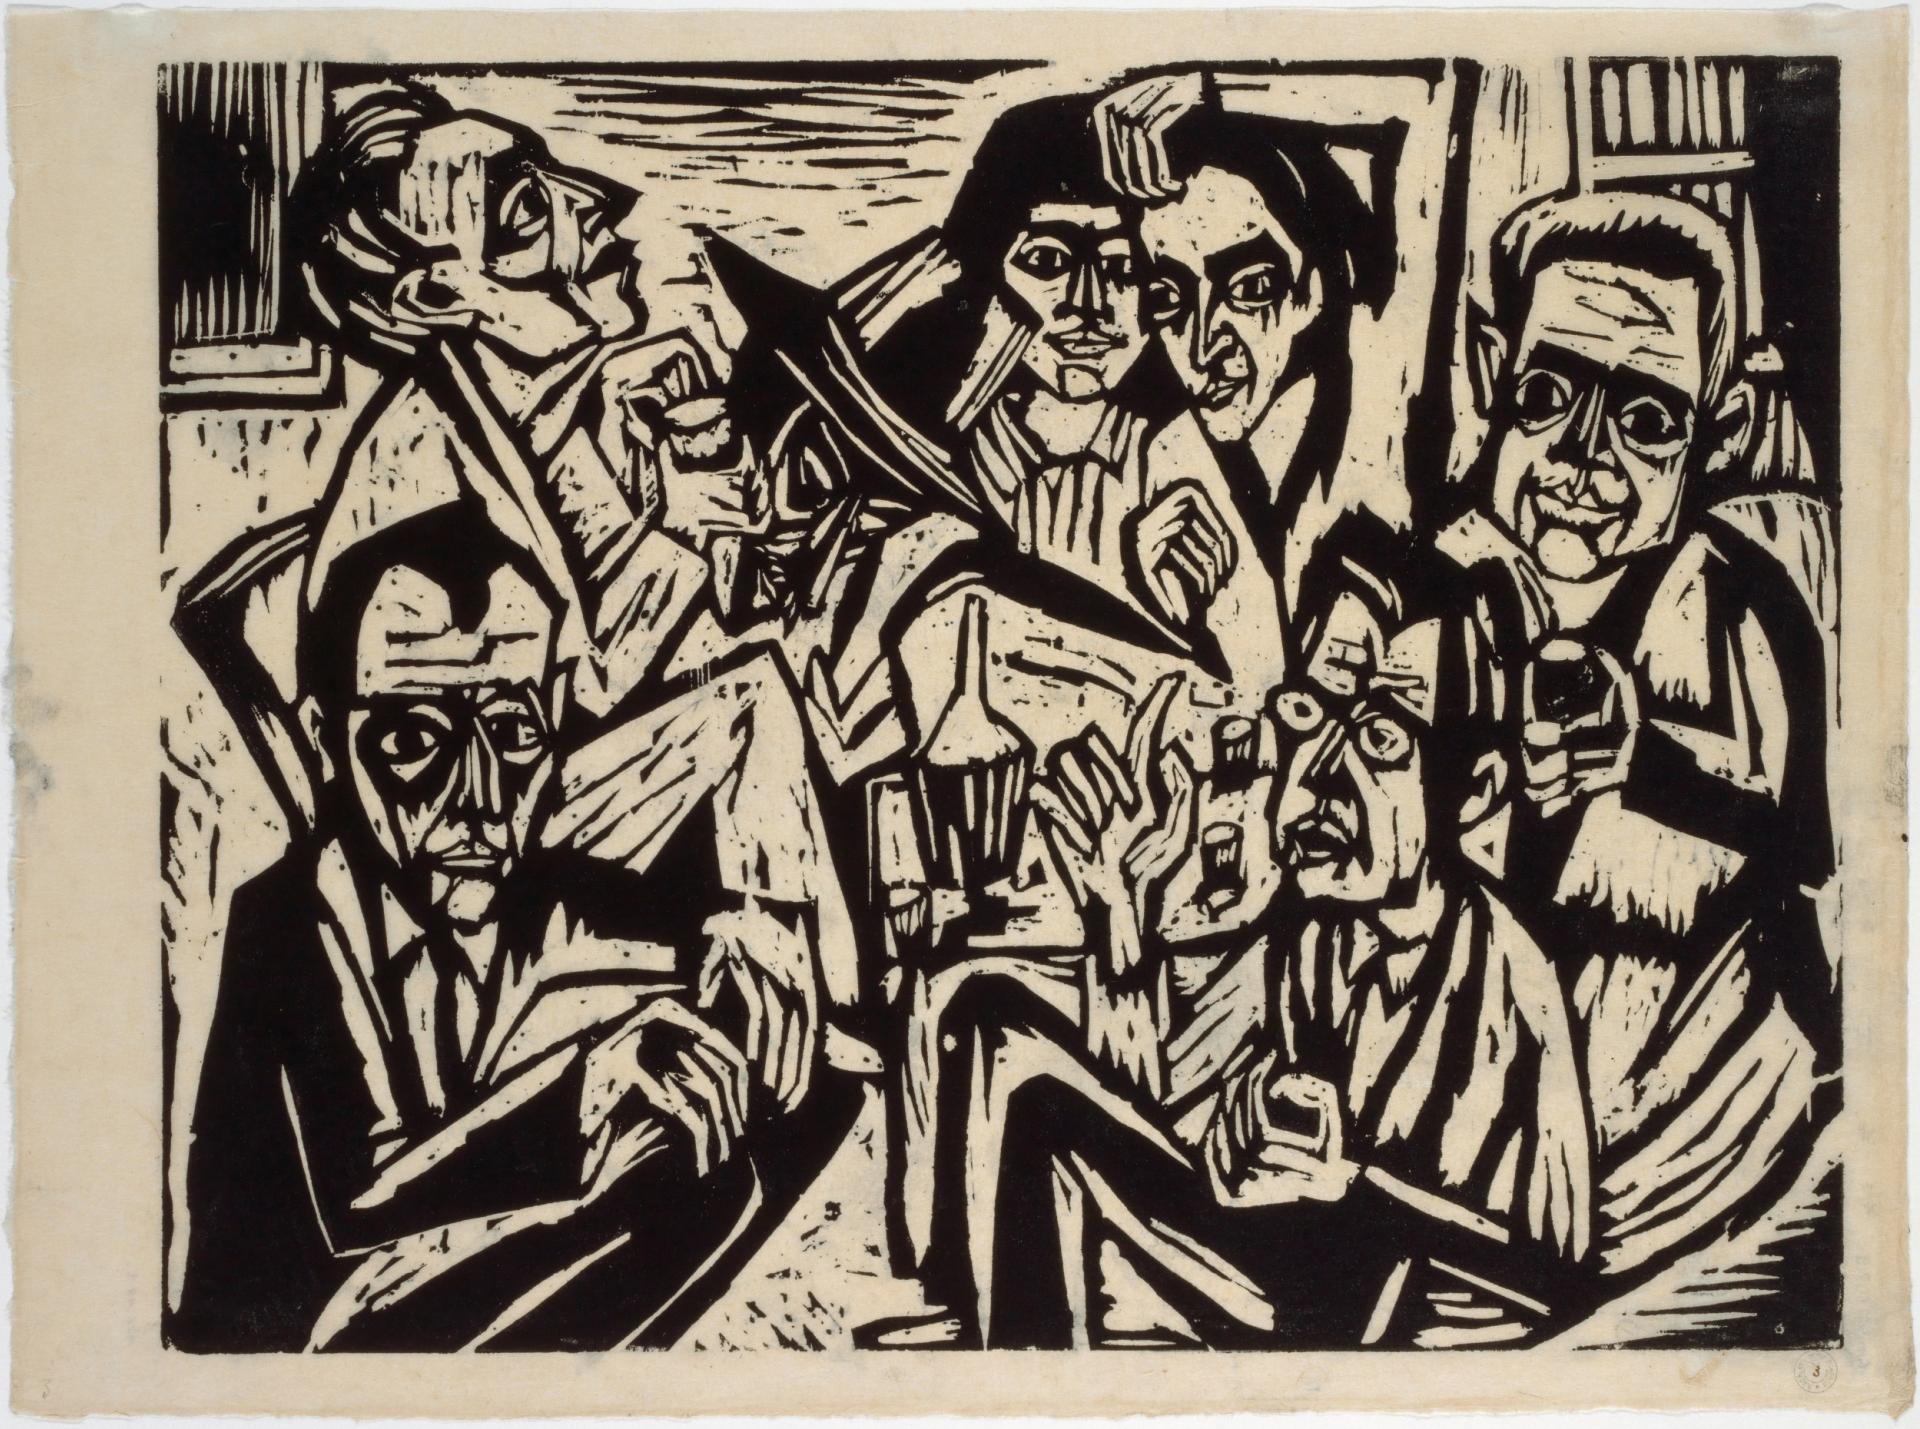 Hermann Scherer, Atelierfest, um 1924/25, Holzschnitt in Schwarz auf Japanpapier, 46 x 62,2 cm, Kunstmuseum Basel, Kupferstichkabinett